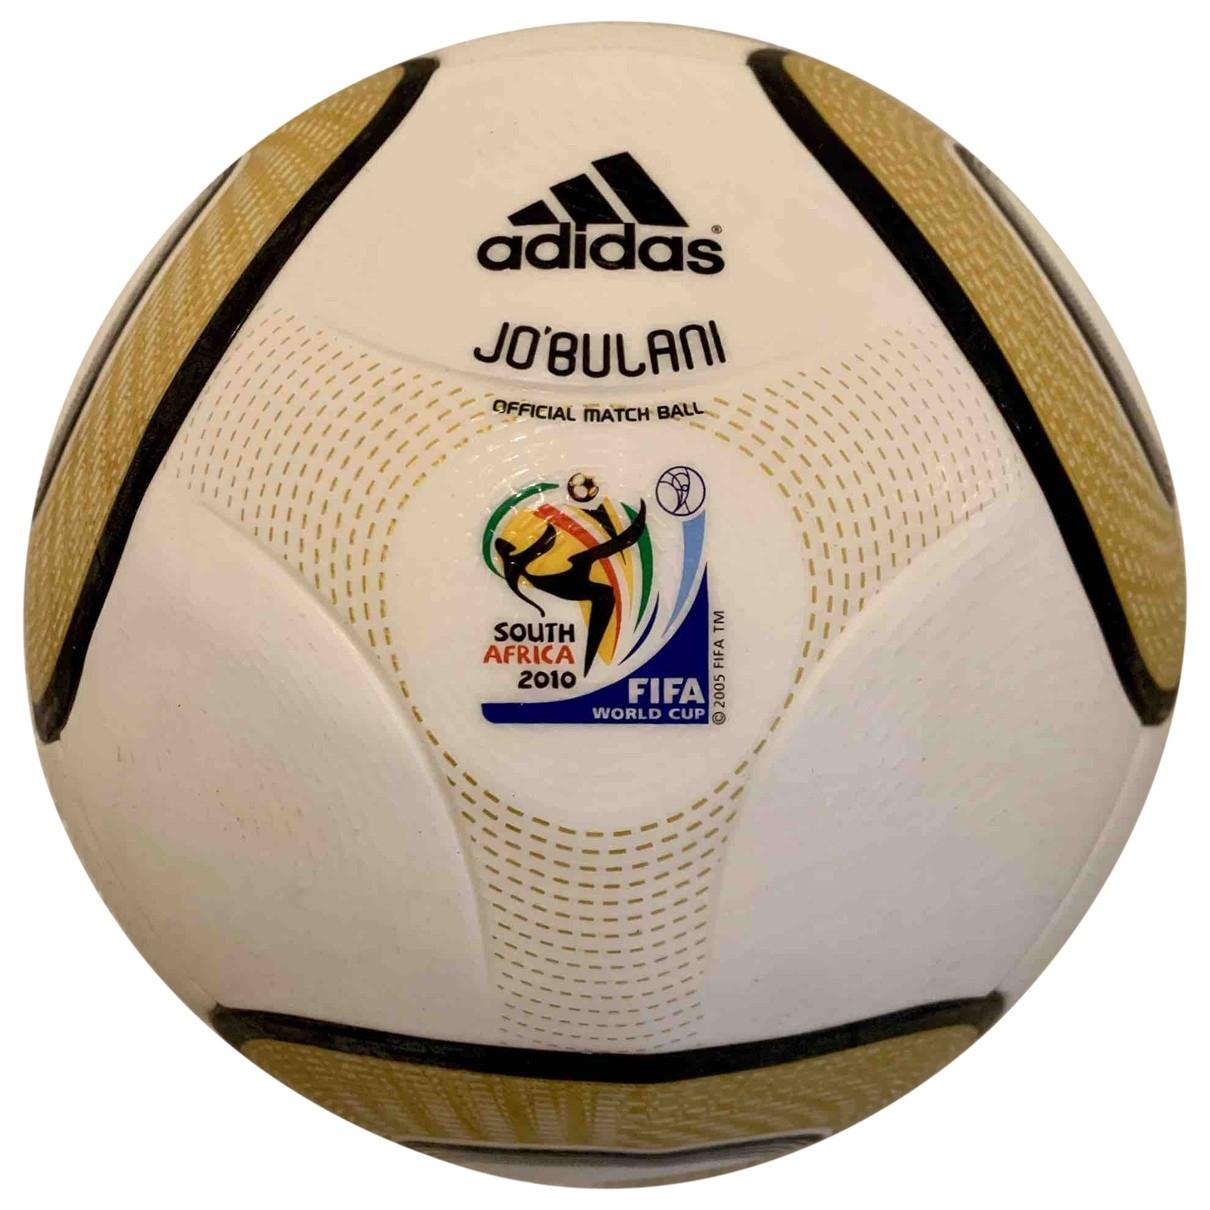 Adidas - Ballons   pour lifestyle en cuir - multicolore